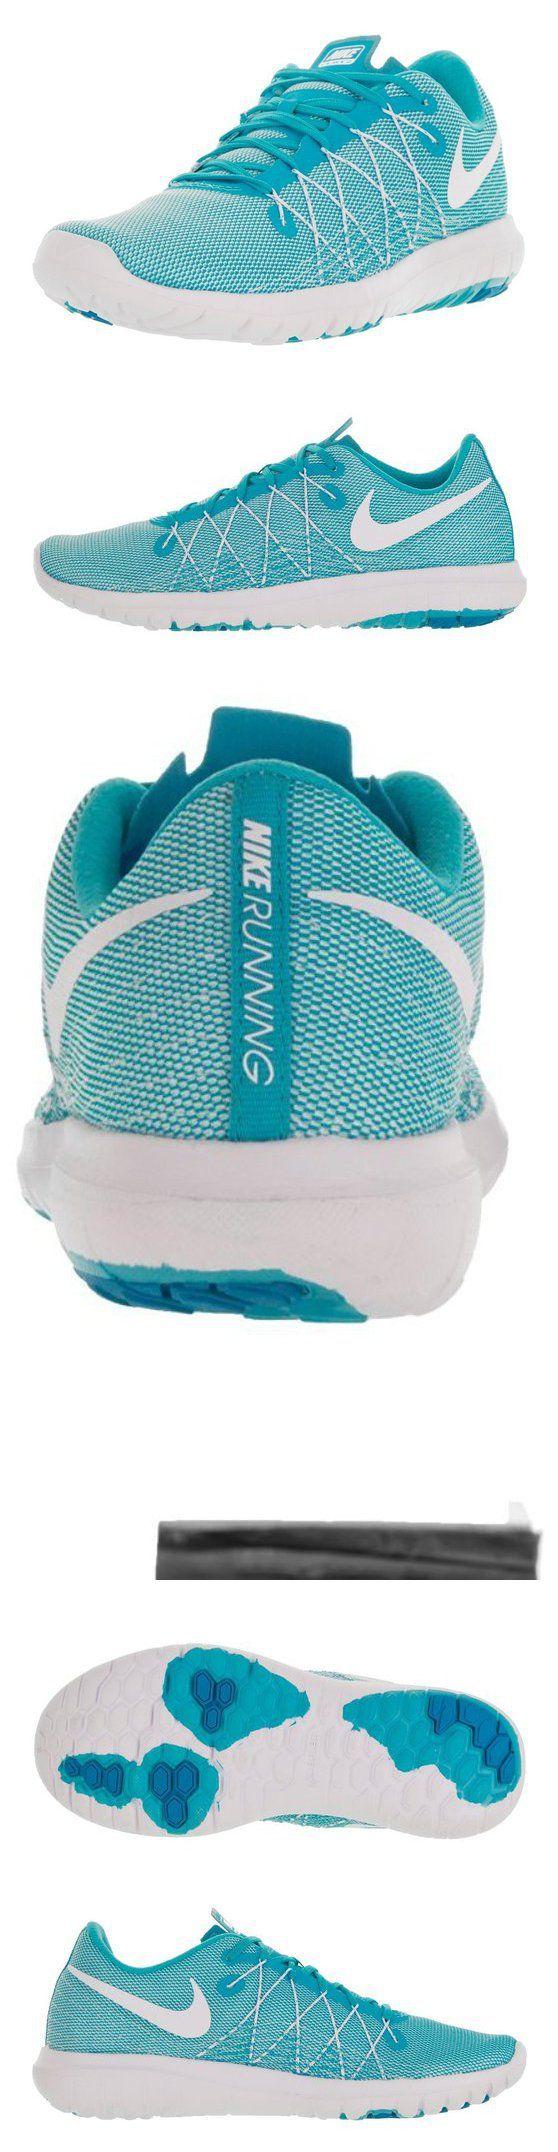 $90 - Nike Women's Flex Fury 2 White/Gamma Blue/Blue Lagoon Running Shoe 8 Women US #shoes #nike #2016